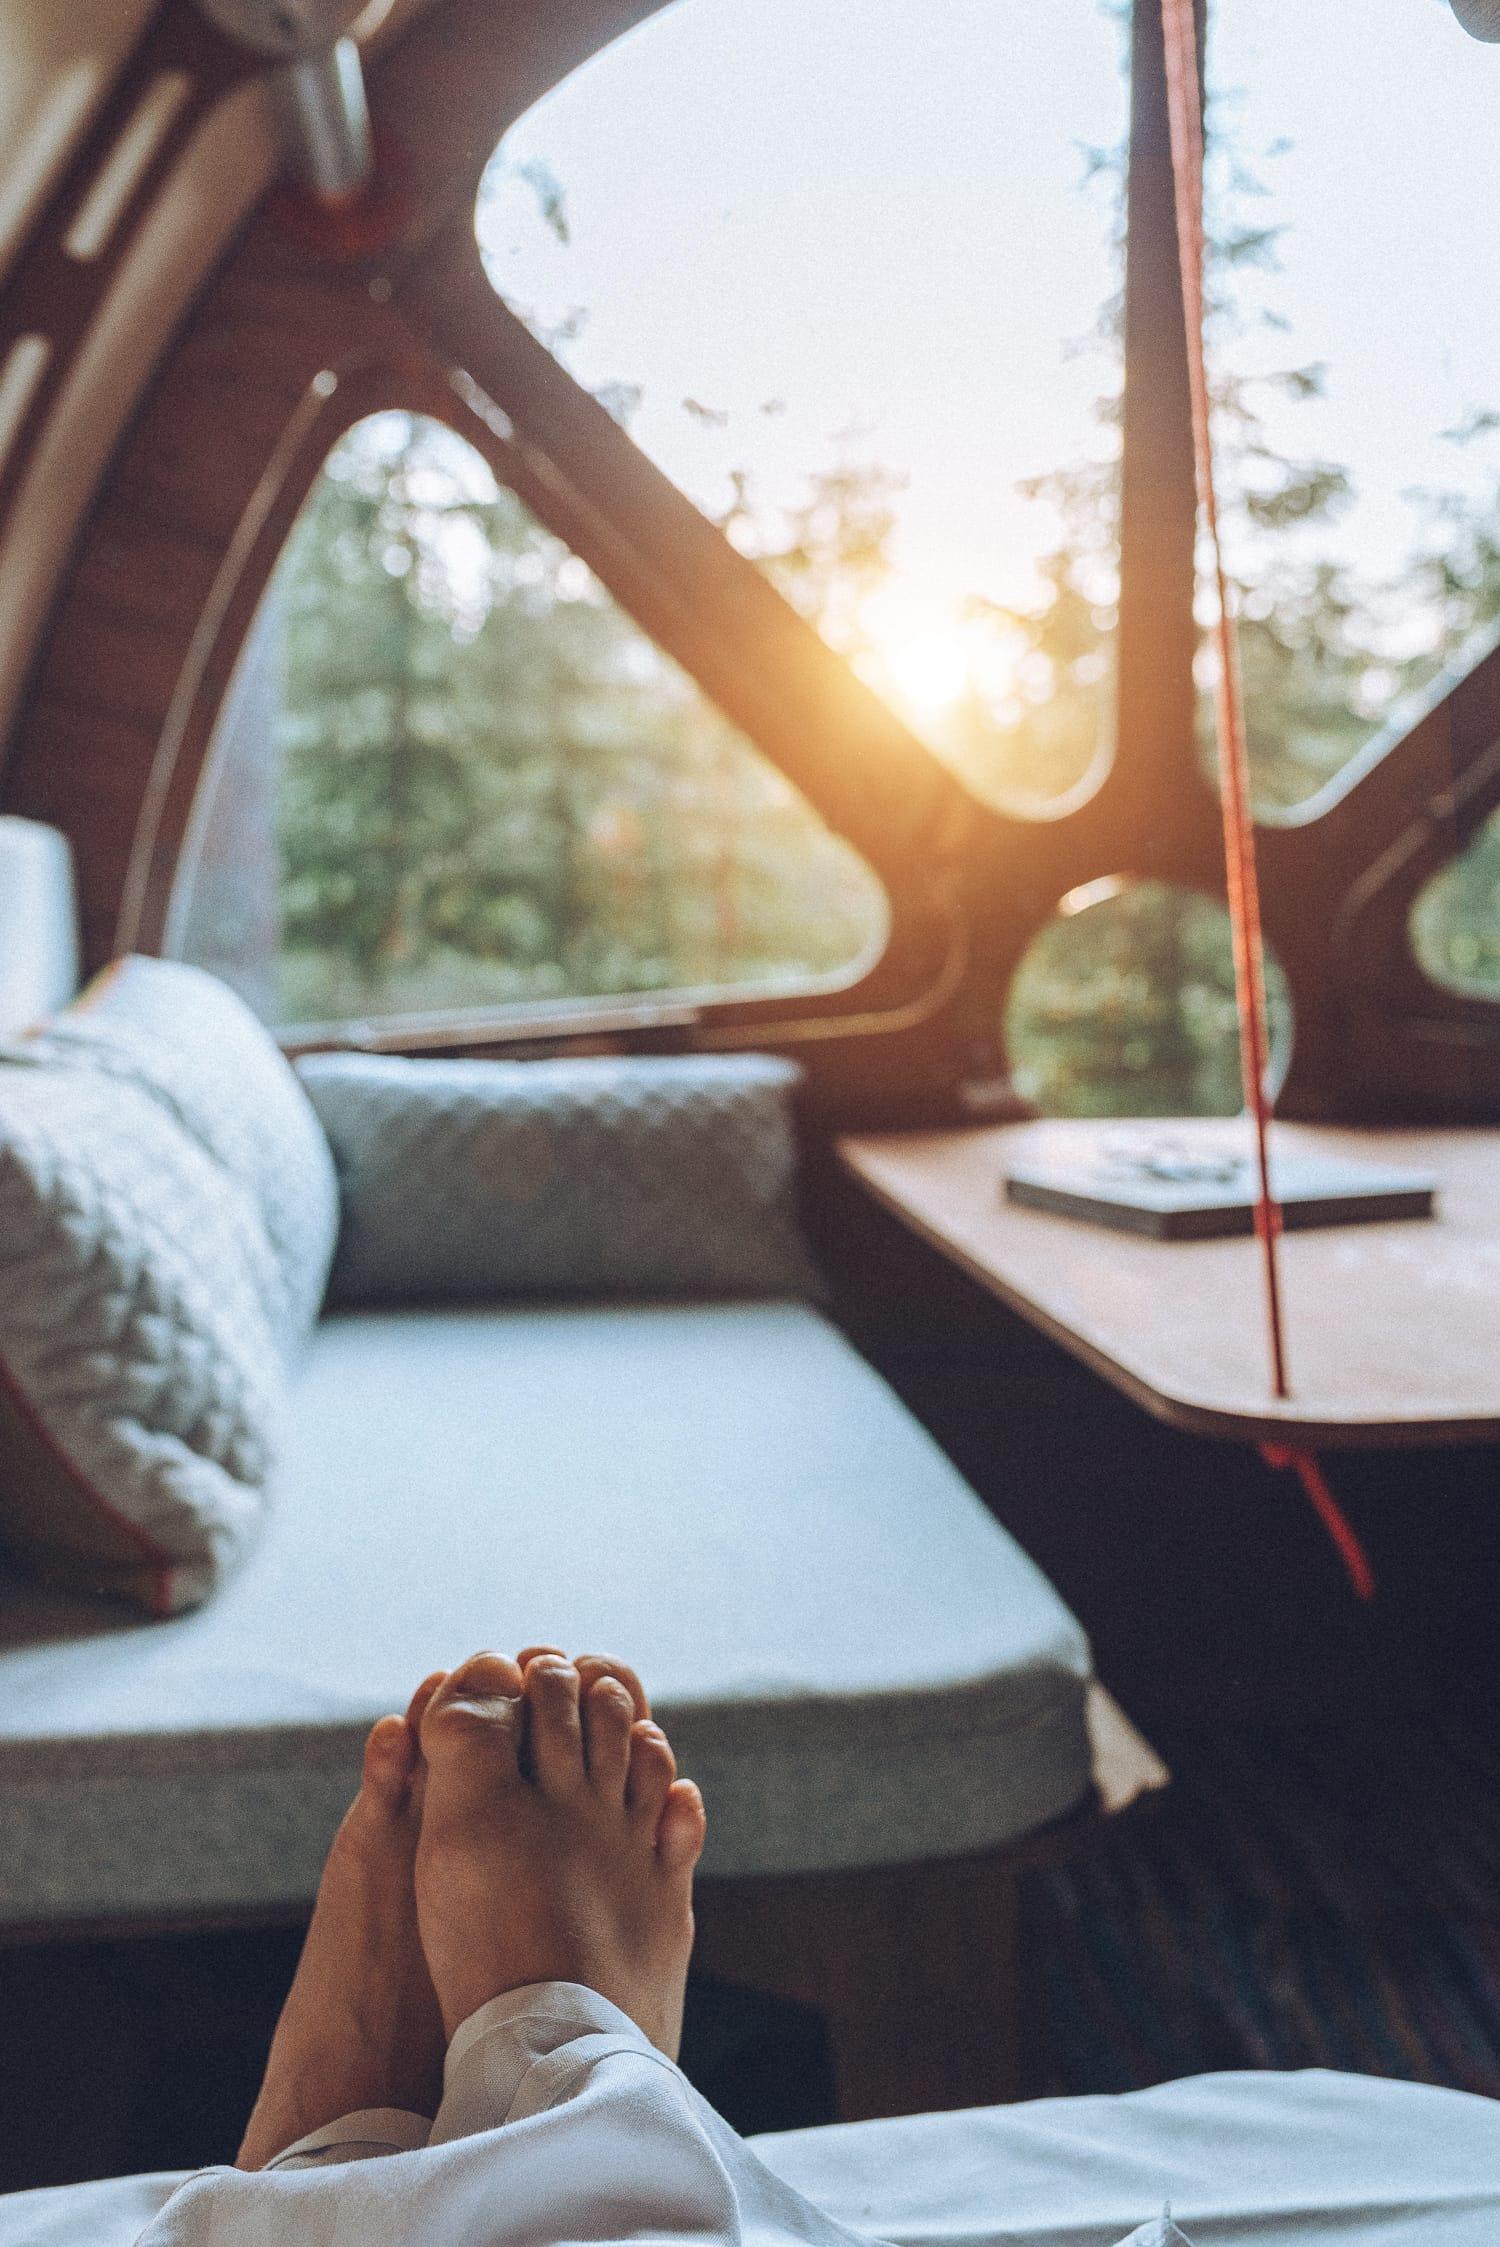 Morning in a cabin at Marcusgården, Dalarna